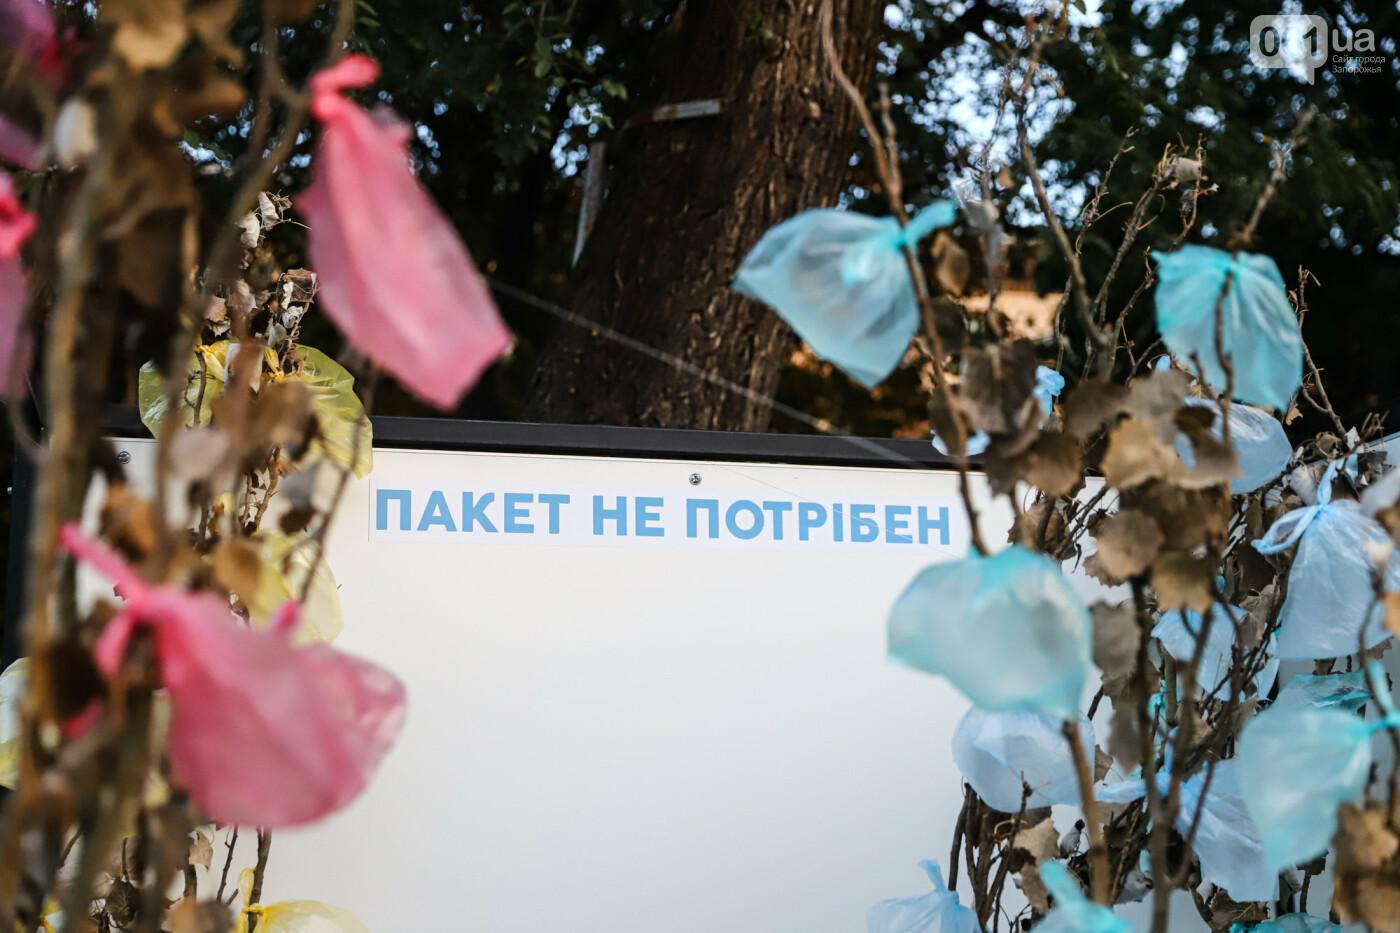 Огромная стиральная машина и комната из фольги: в центре Запорожья открылась эко-выставка, - ФОТОРЕПОРТАЖ , фото-18